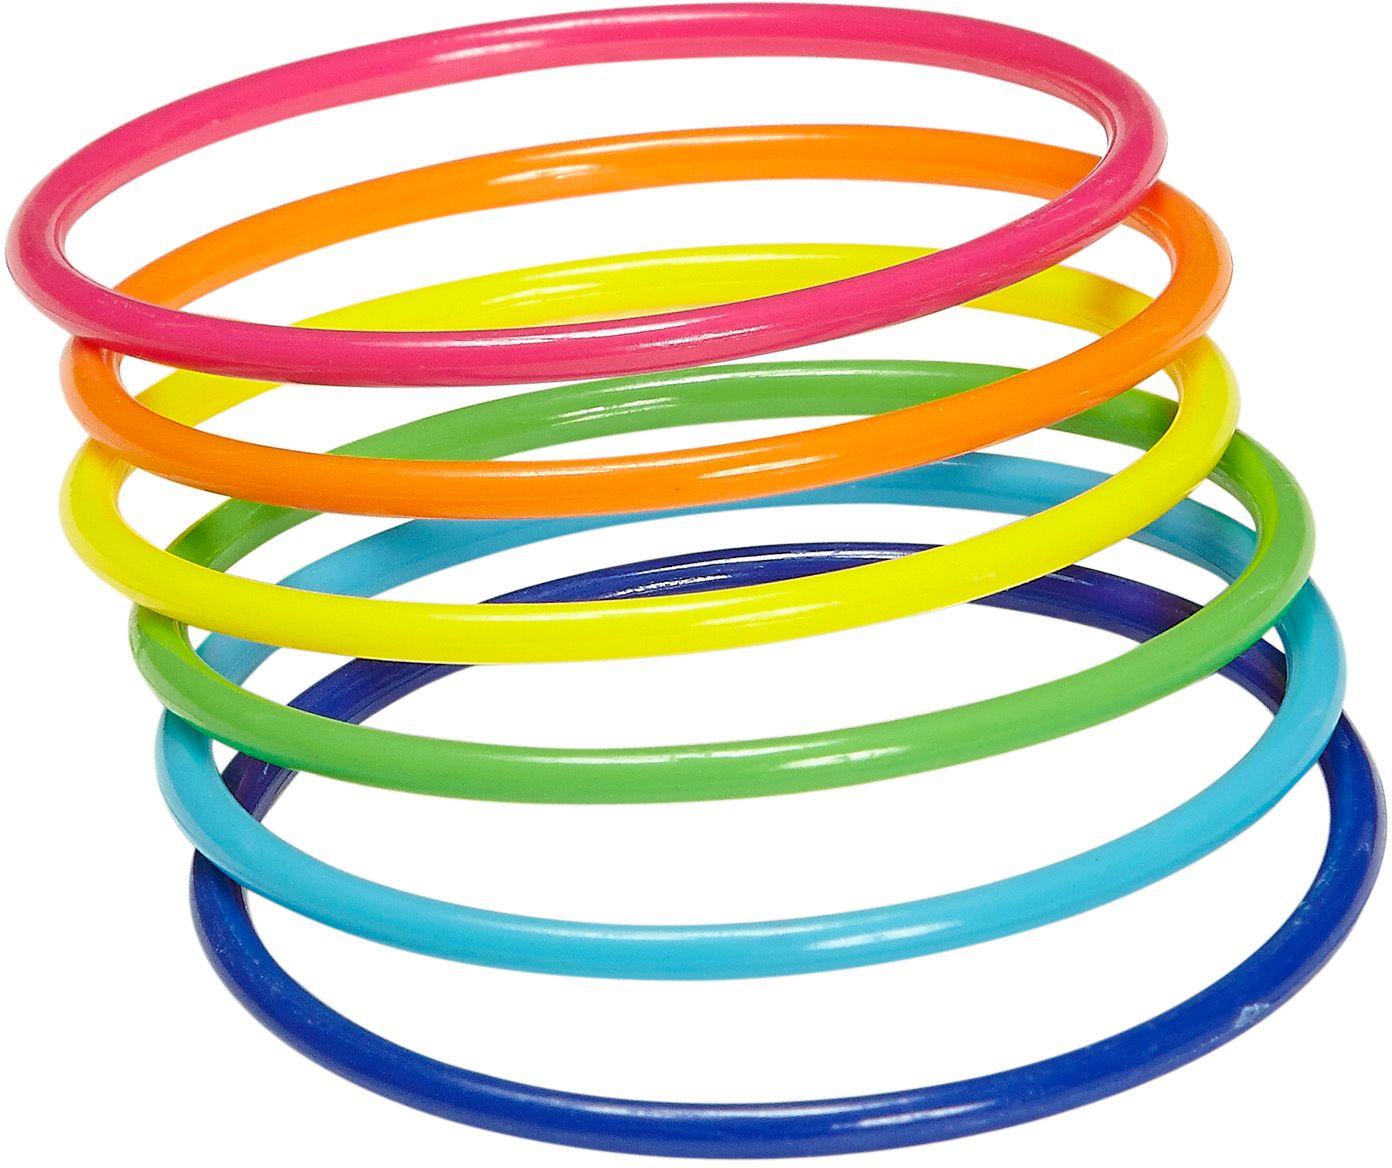 Neon armbanden 18 stuks